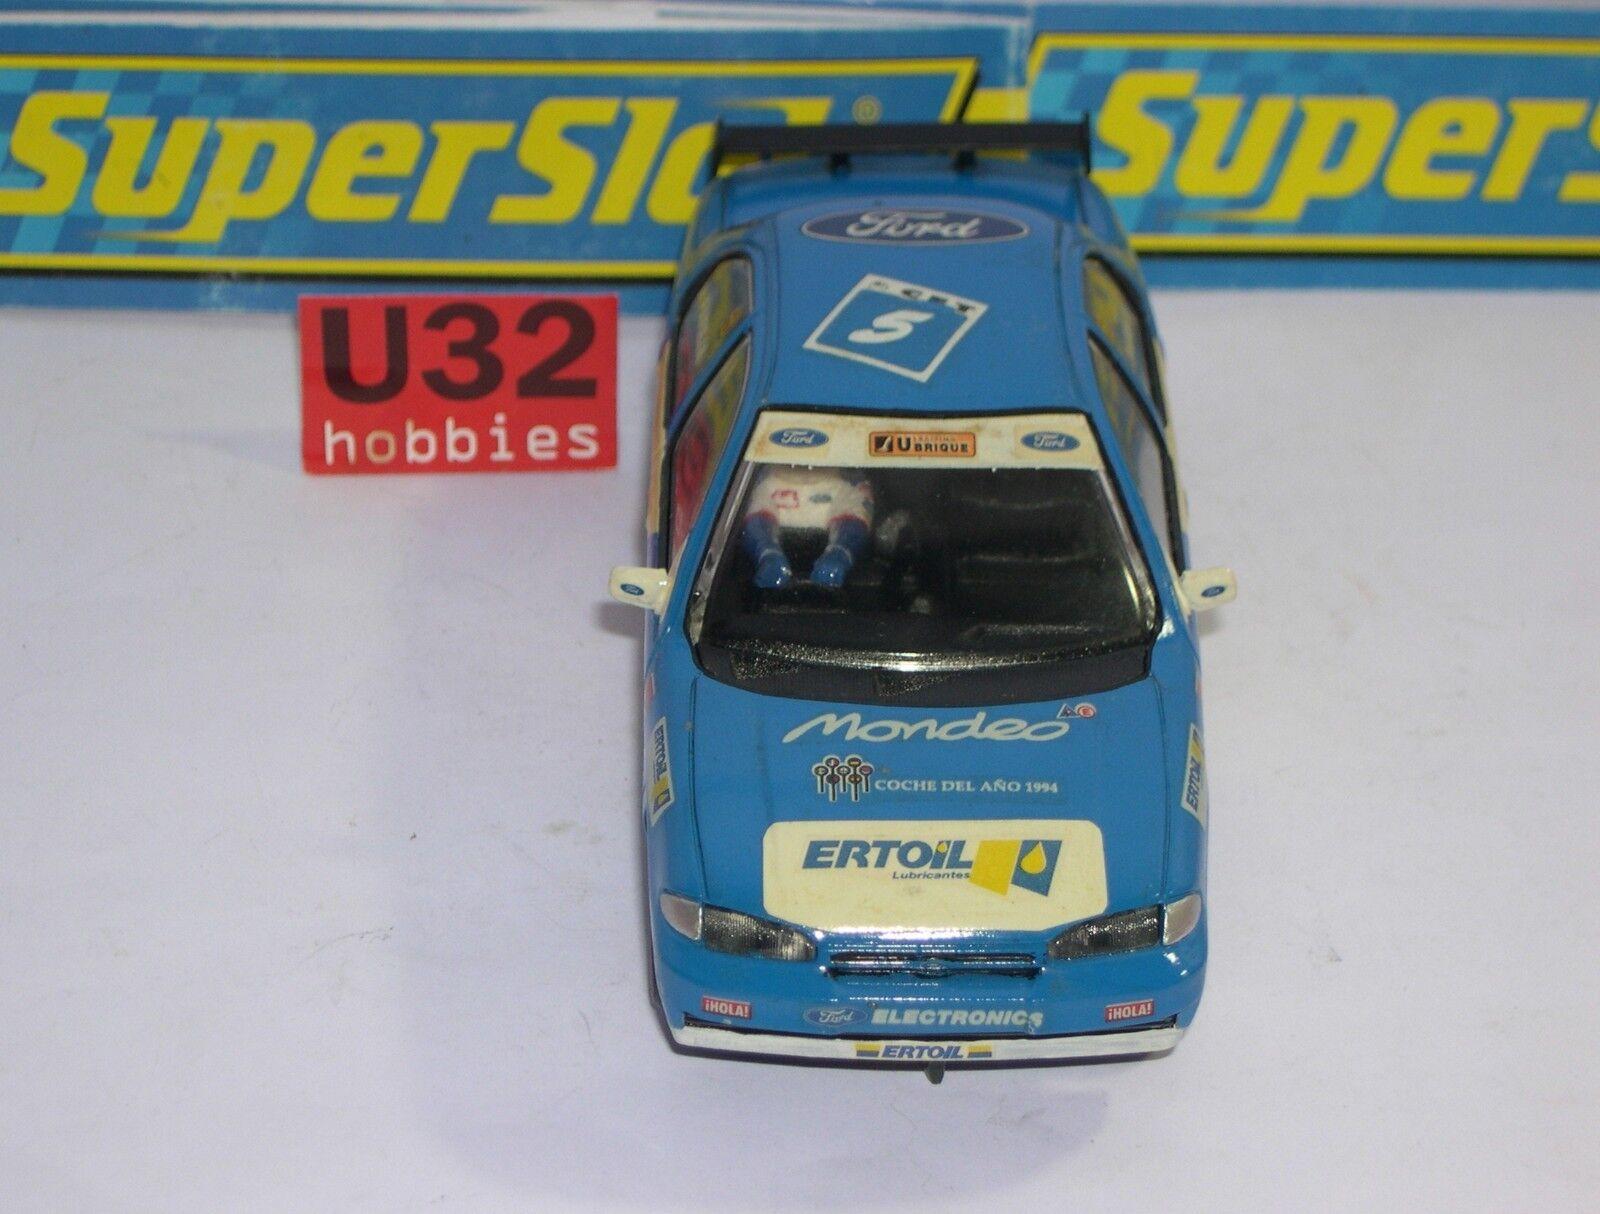 Superslot Ford Mondeo #5 Mez 1994 Jesus Paar Dekoration Handwerklich Unboxed Spielzeug